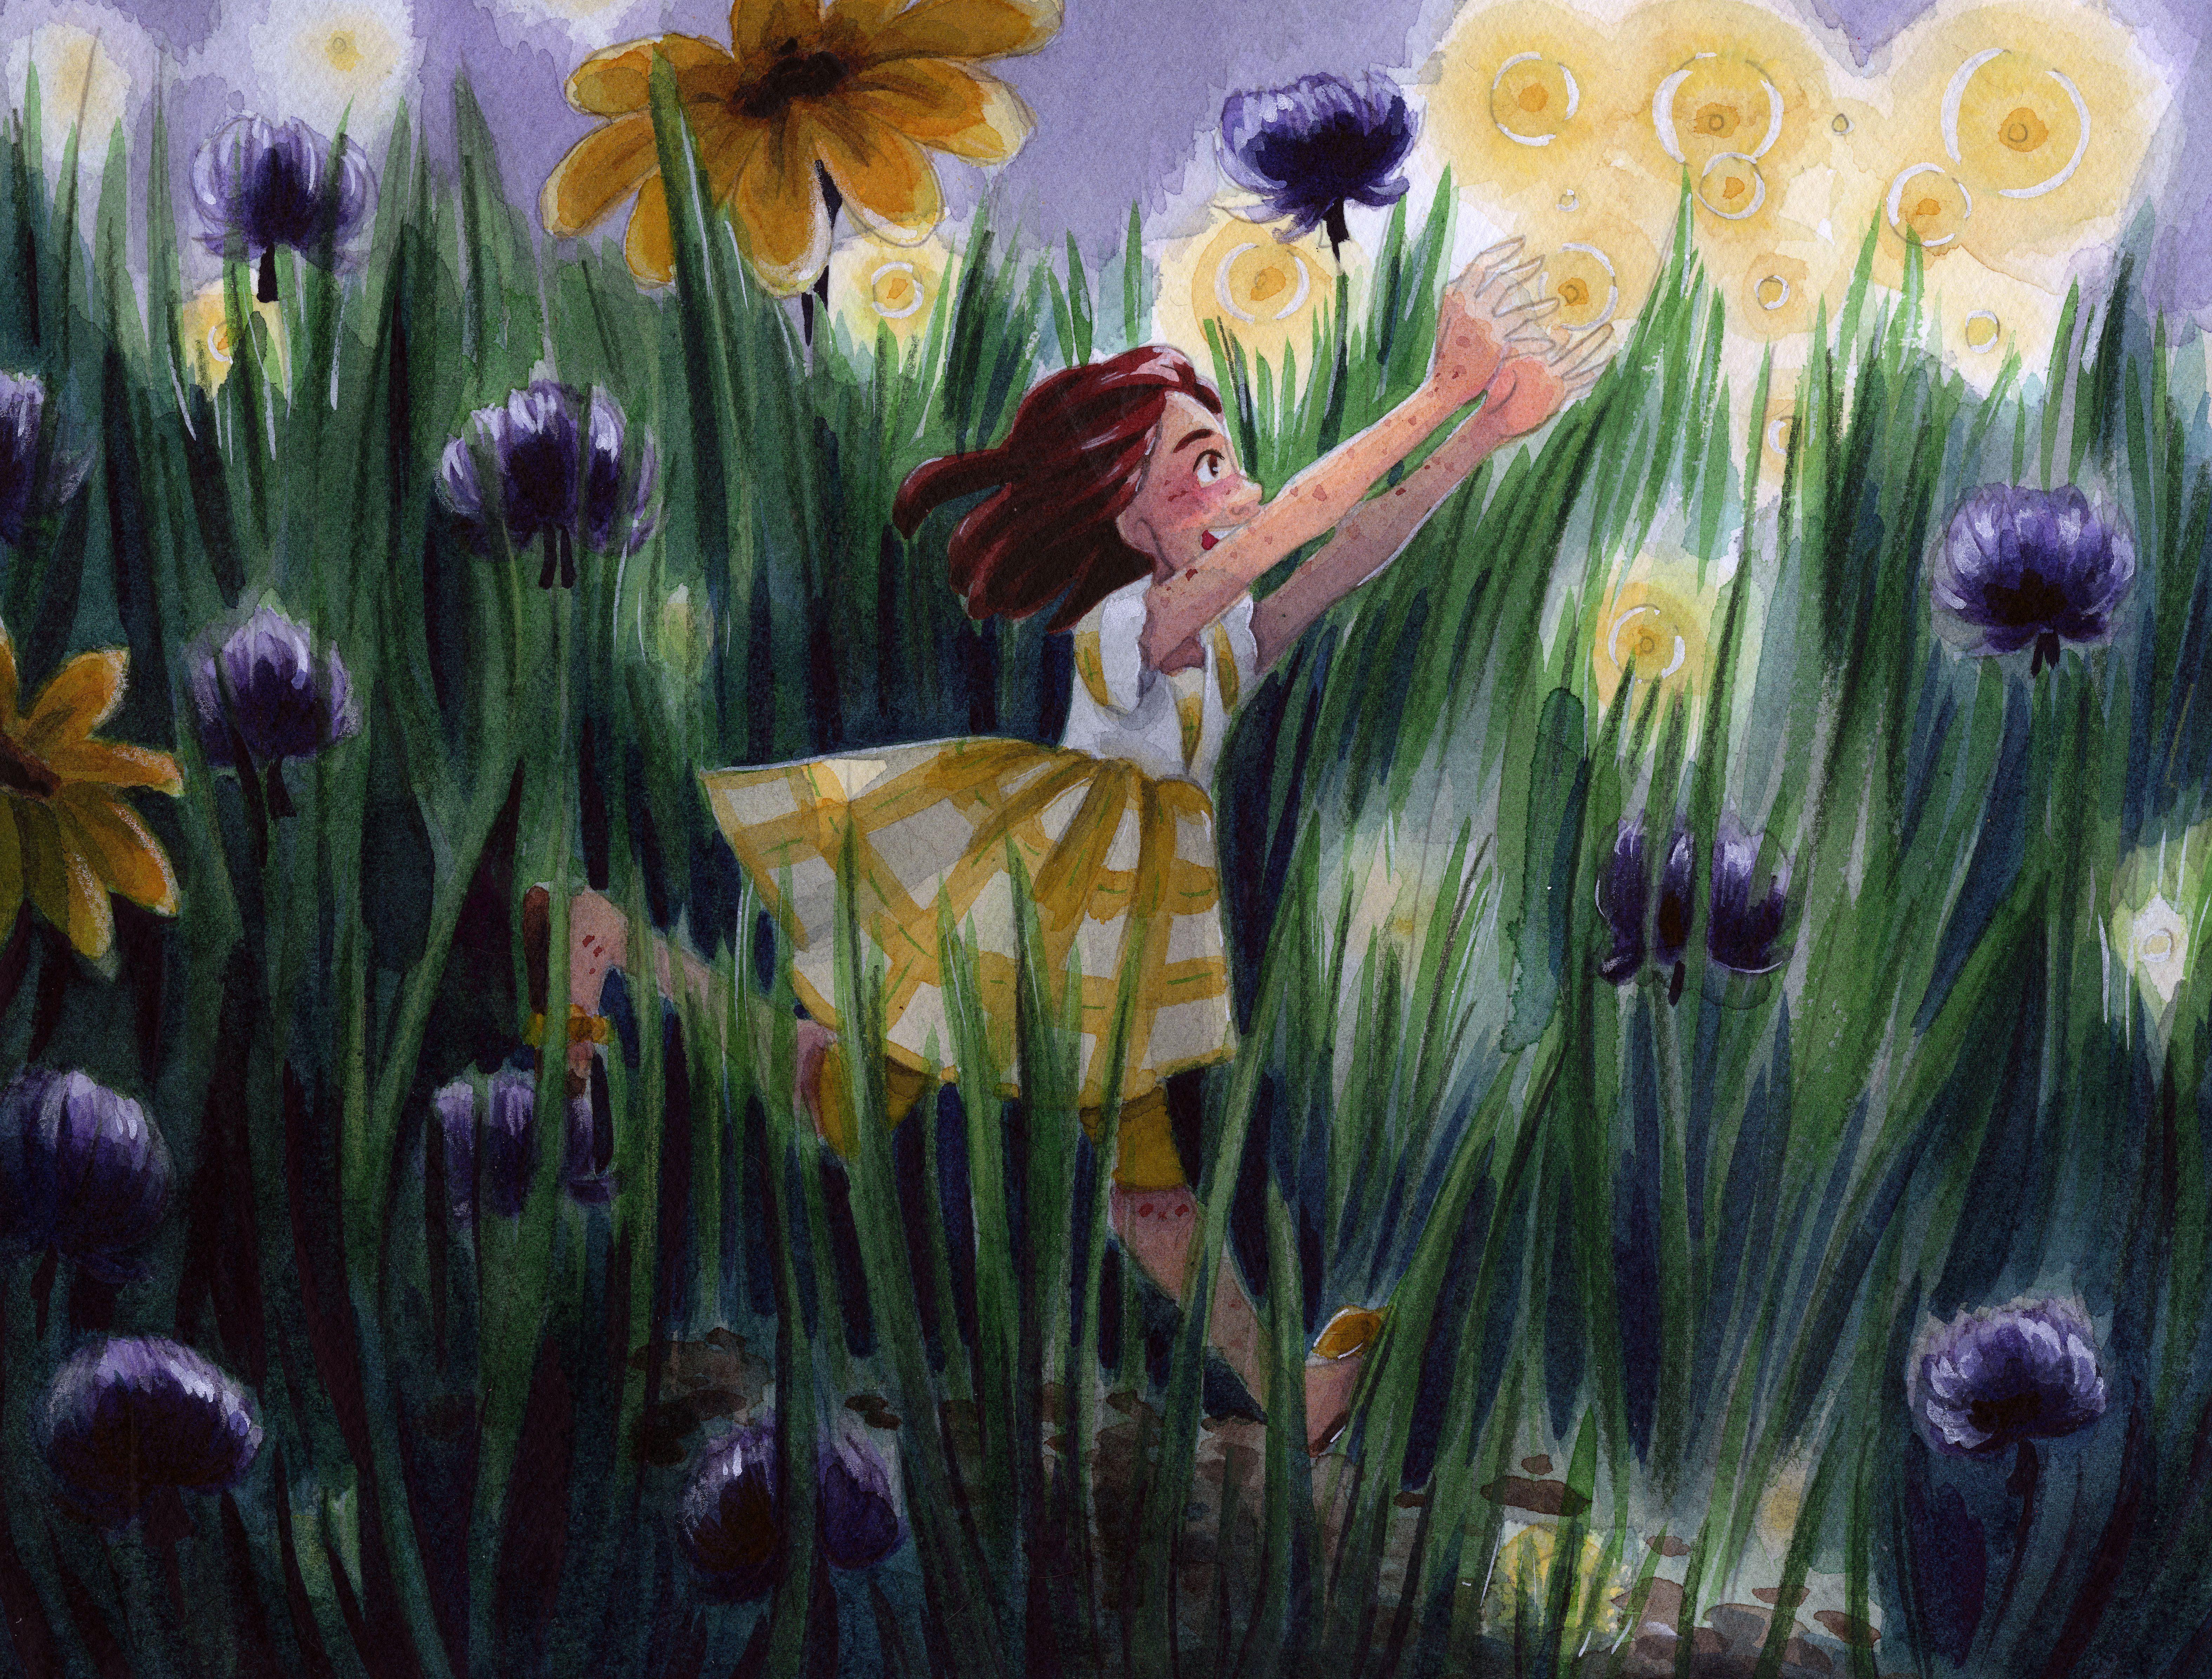 #watercolorart #watercolorillustration #art #illustration #watercolor #painting #kidlitart